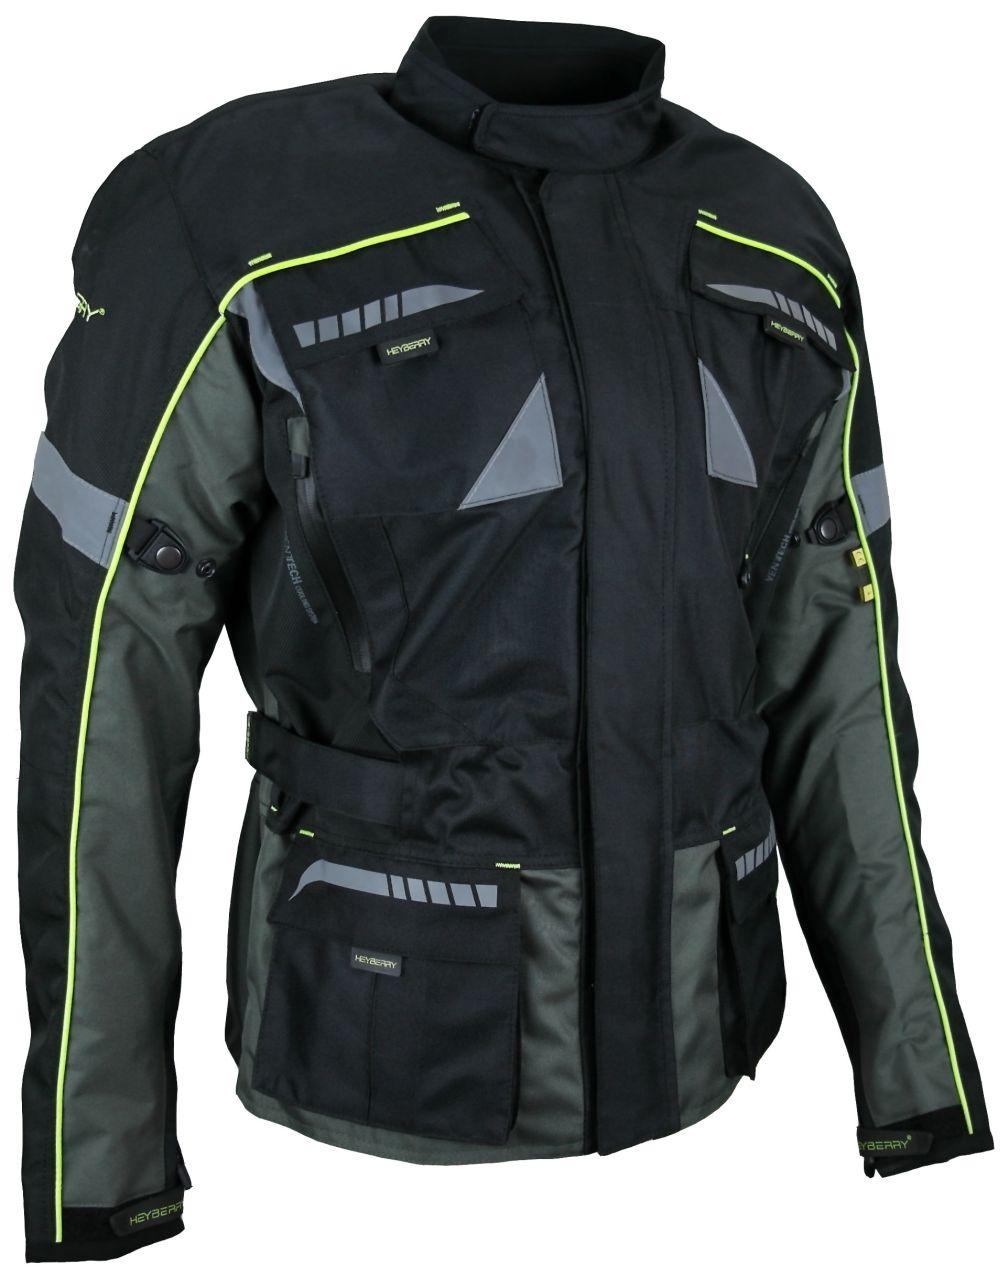 Heyberry Enduro Motorradjacke Textil schwarz grau neon Gr. M - 3XL